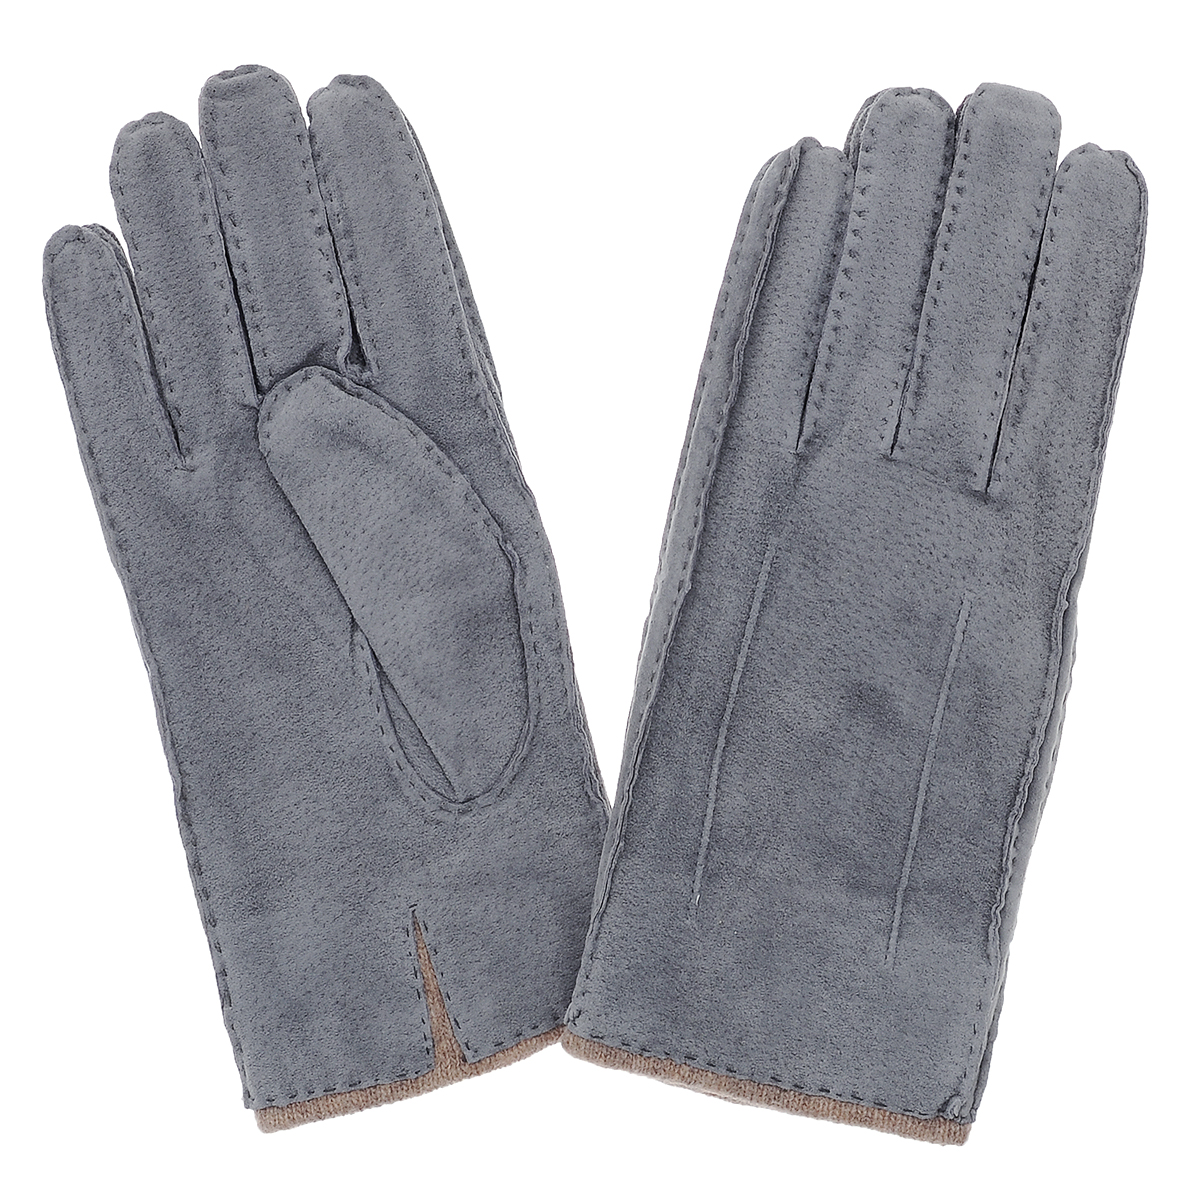 Фото Перчатки мужские Dali Exclusive, цвет: серый. SP16_FORK/GR. Размер 8,5. Покупайте с доставкой по России